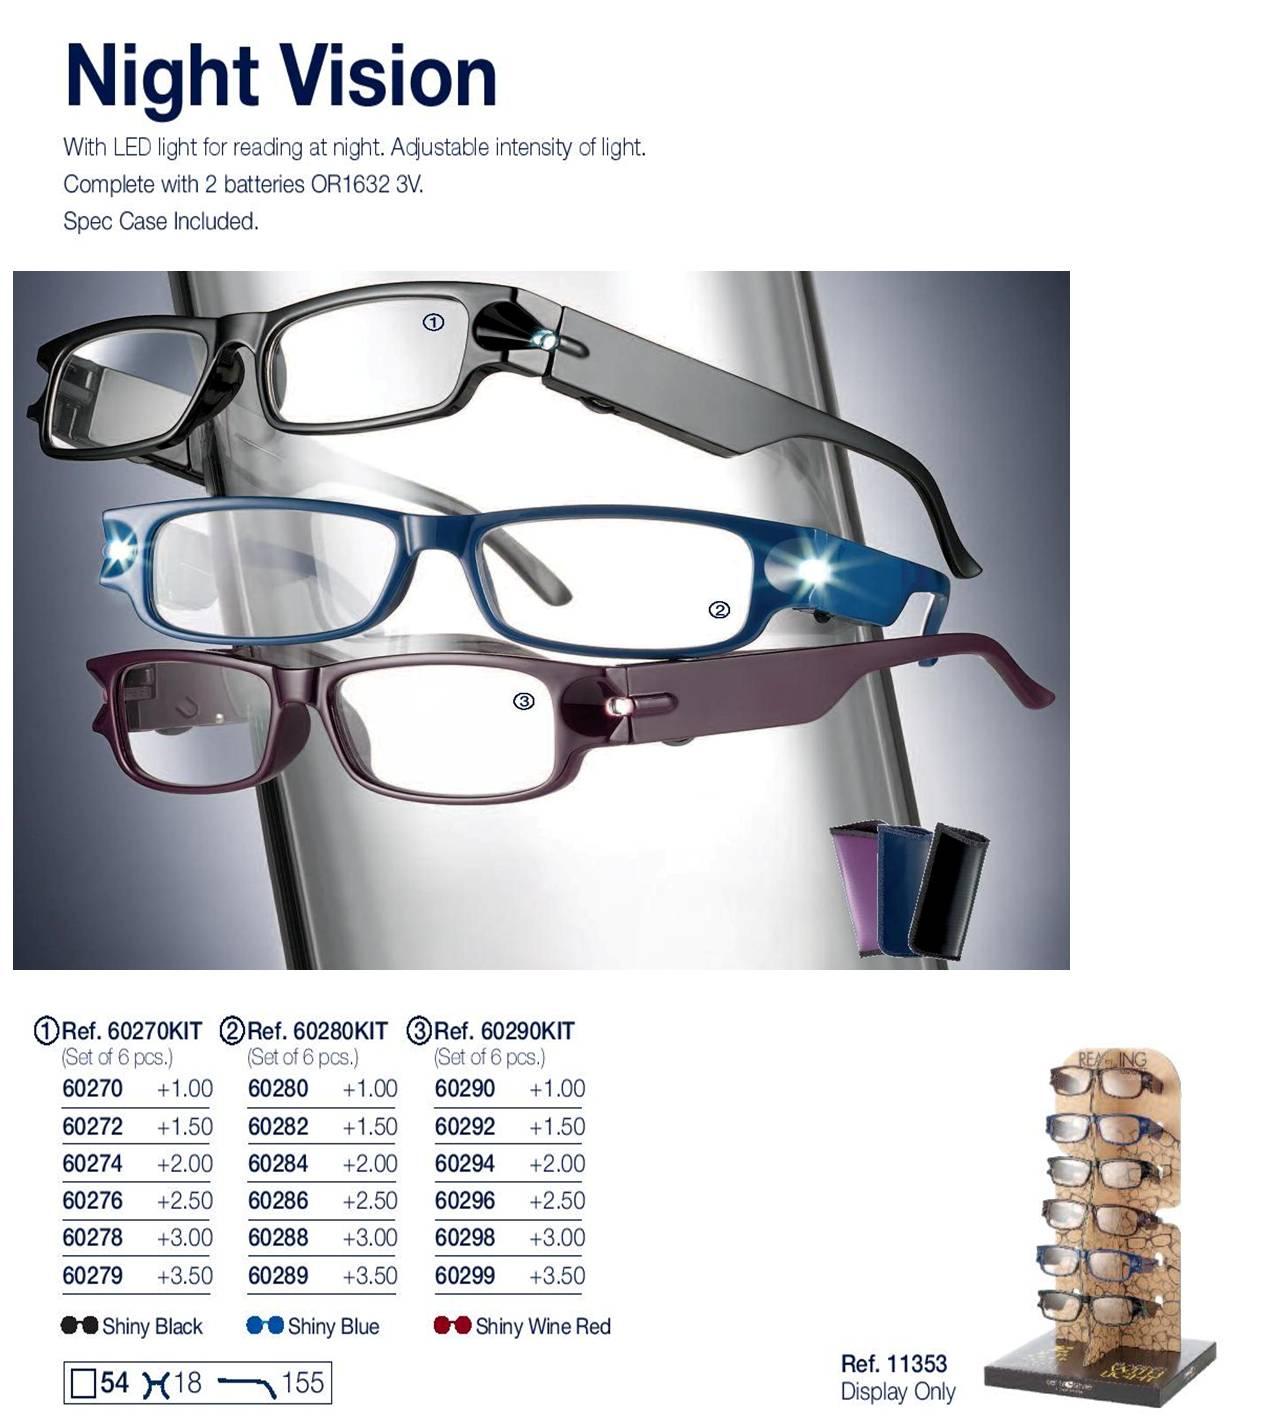 cbb6f36539fec 0260278 - Óculos Leitura Night Vision Preto +3,00 Mod 60278 FLAG 9 -